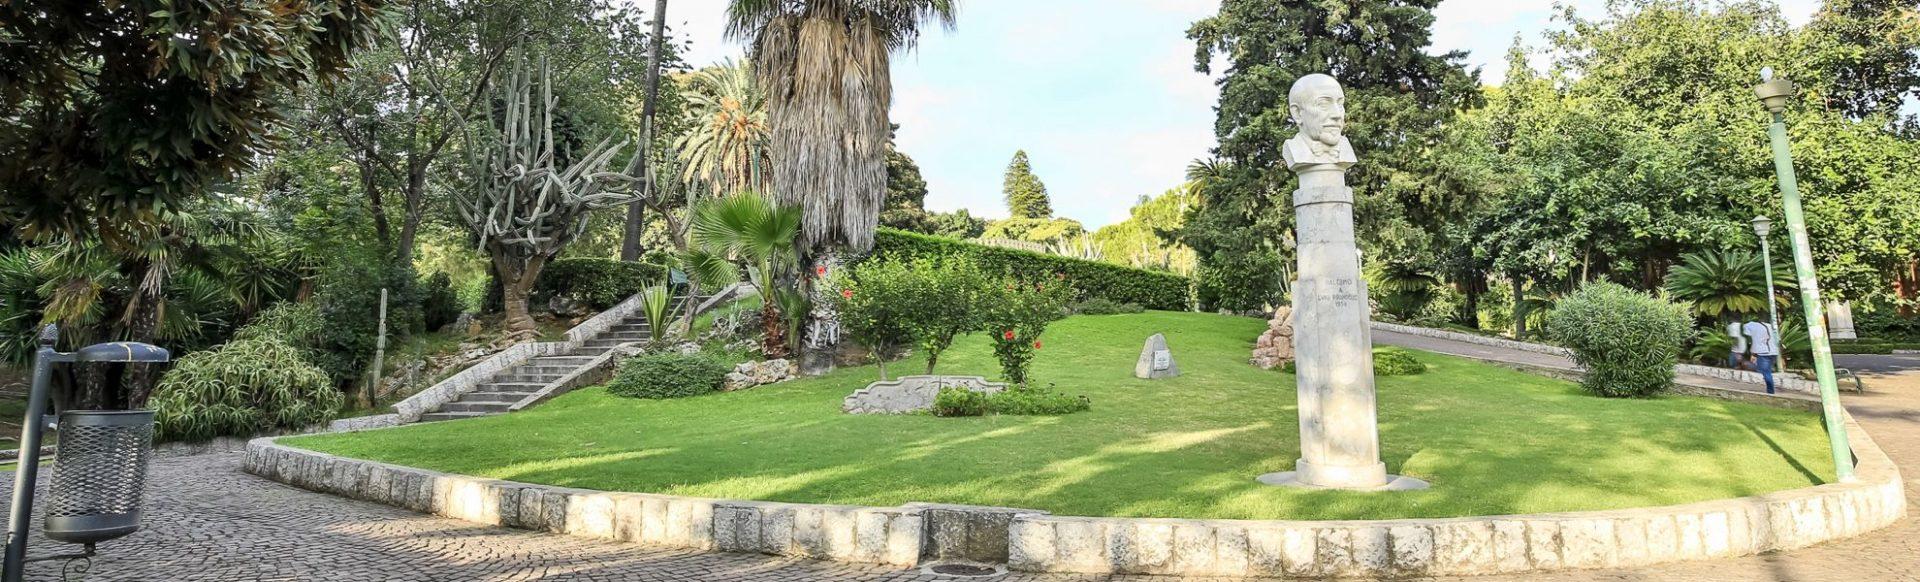 Immagine giardino inglese